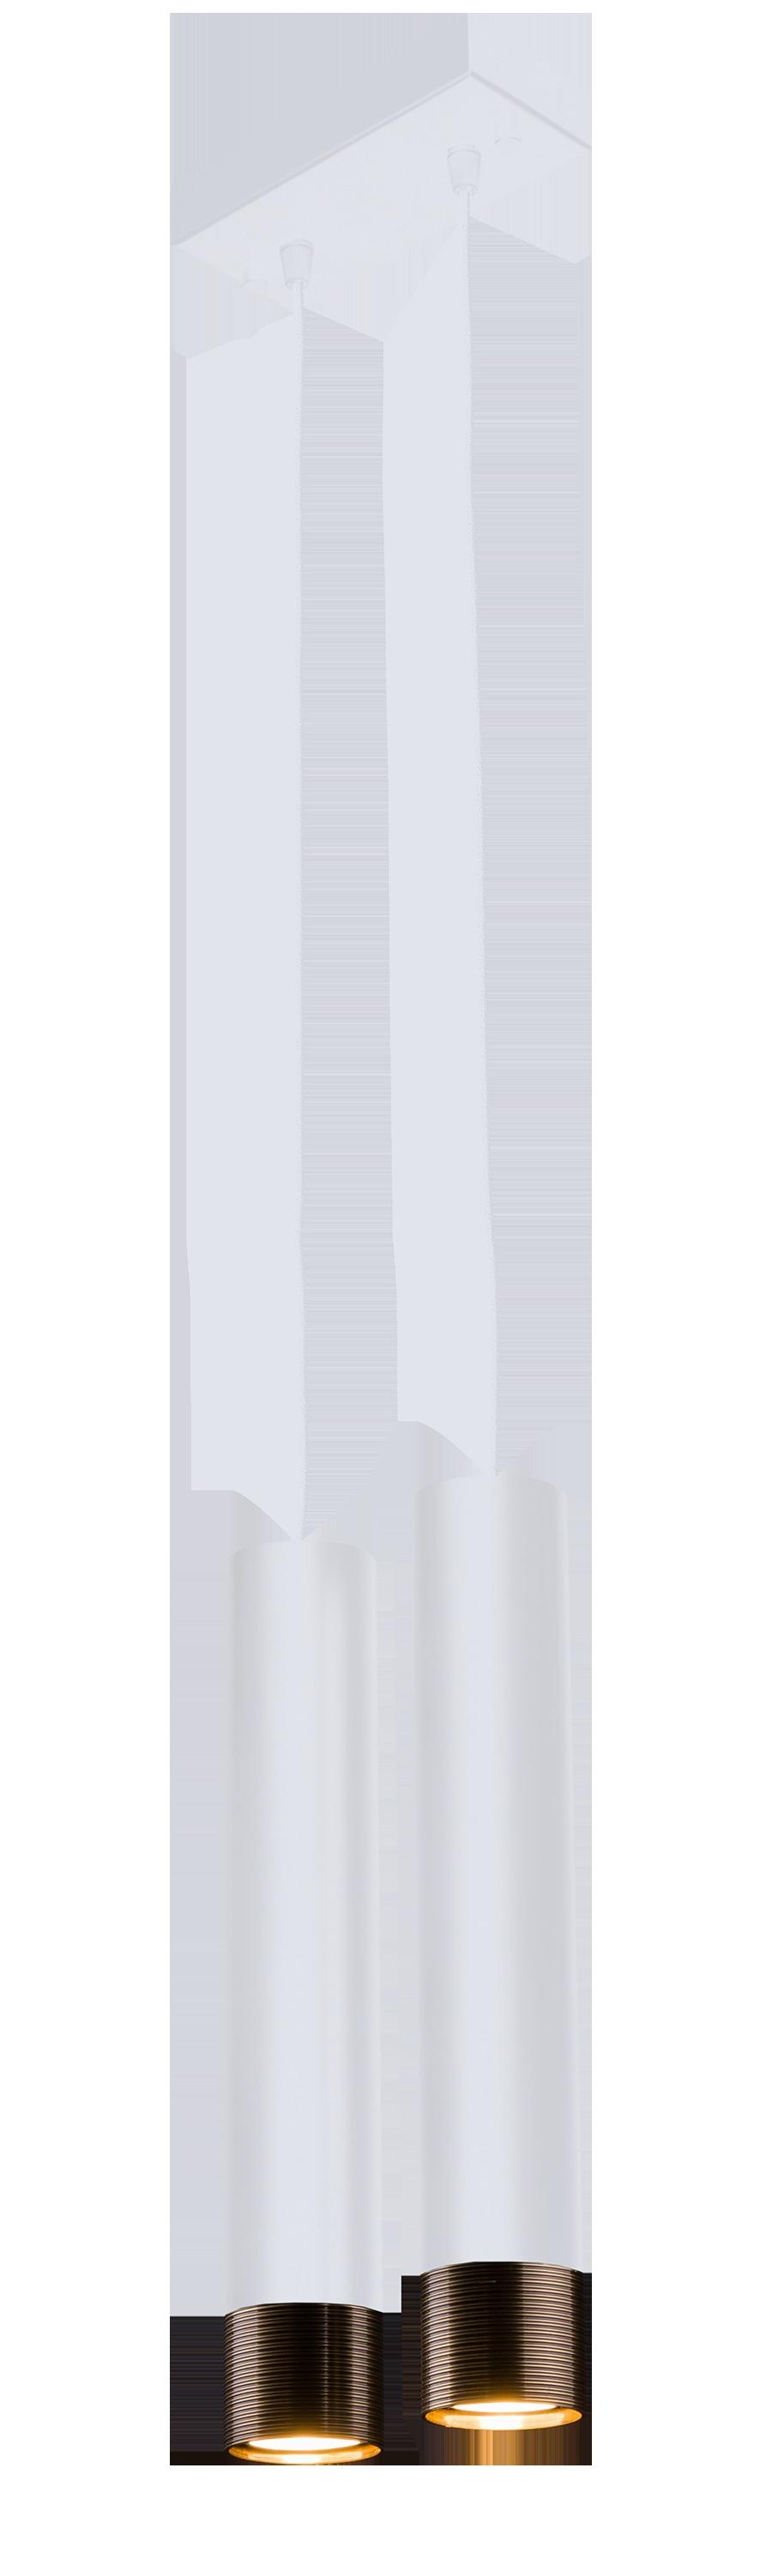 Lampa wisząca Eido 2 Patyna 0357 - Amplex // Rabaty w koszyku i darmowa dostawa od 299zł !